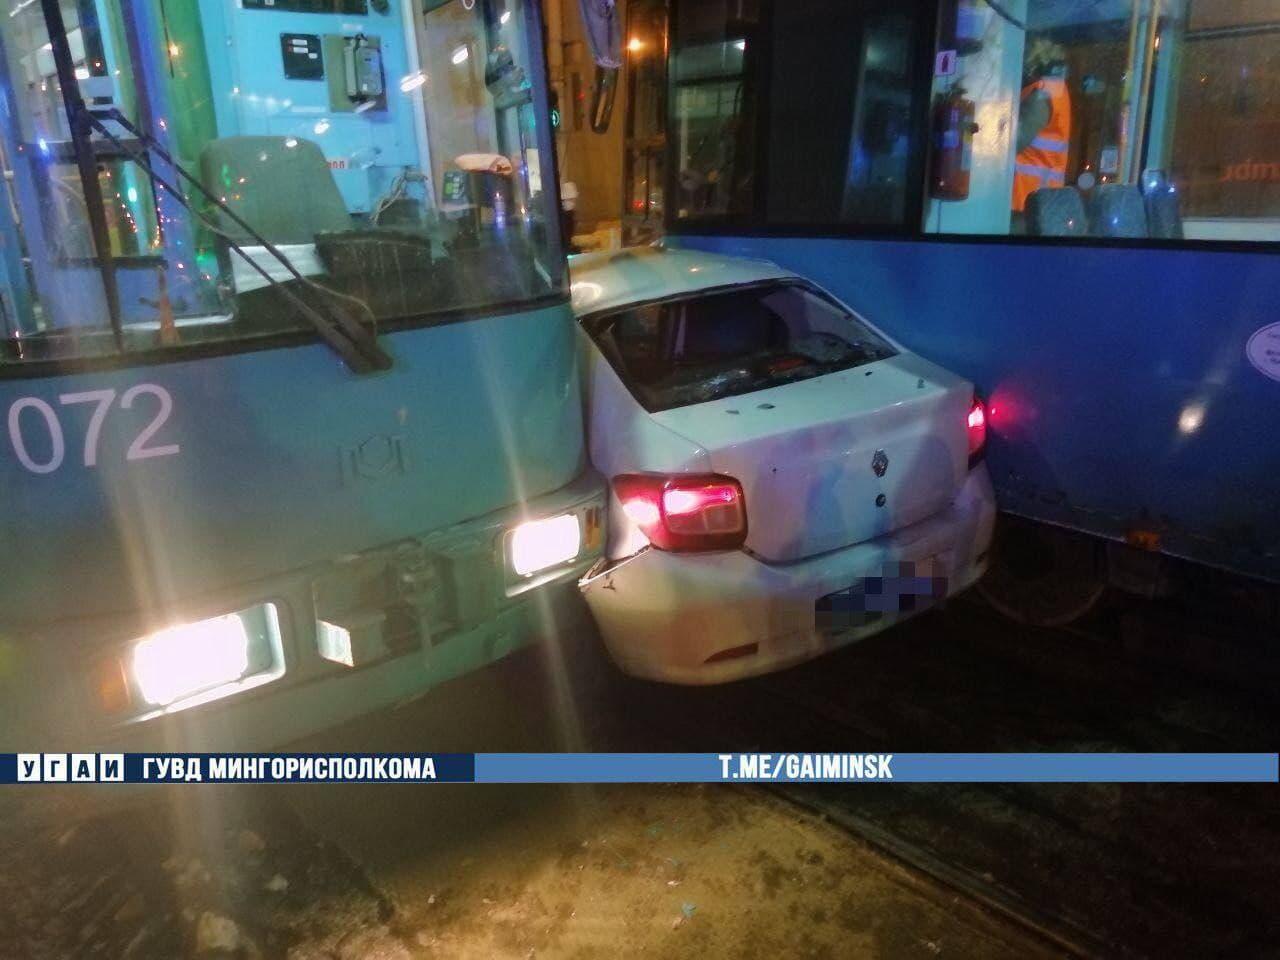 Необычное ДТП в Минске: Renault зажало между двумя трамваями